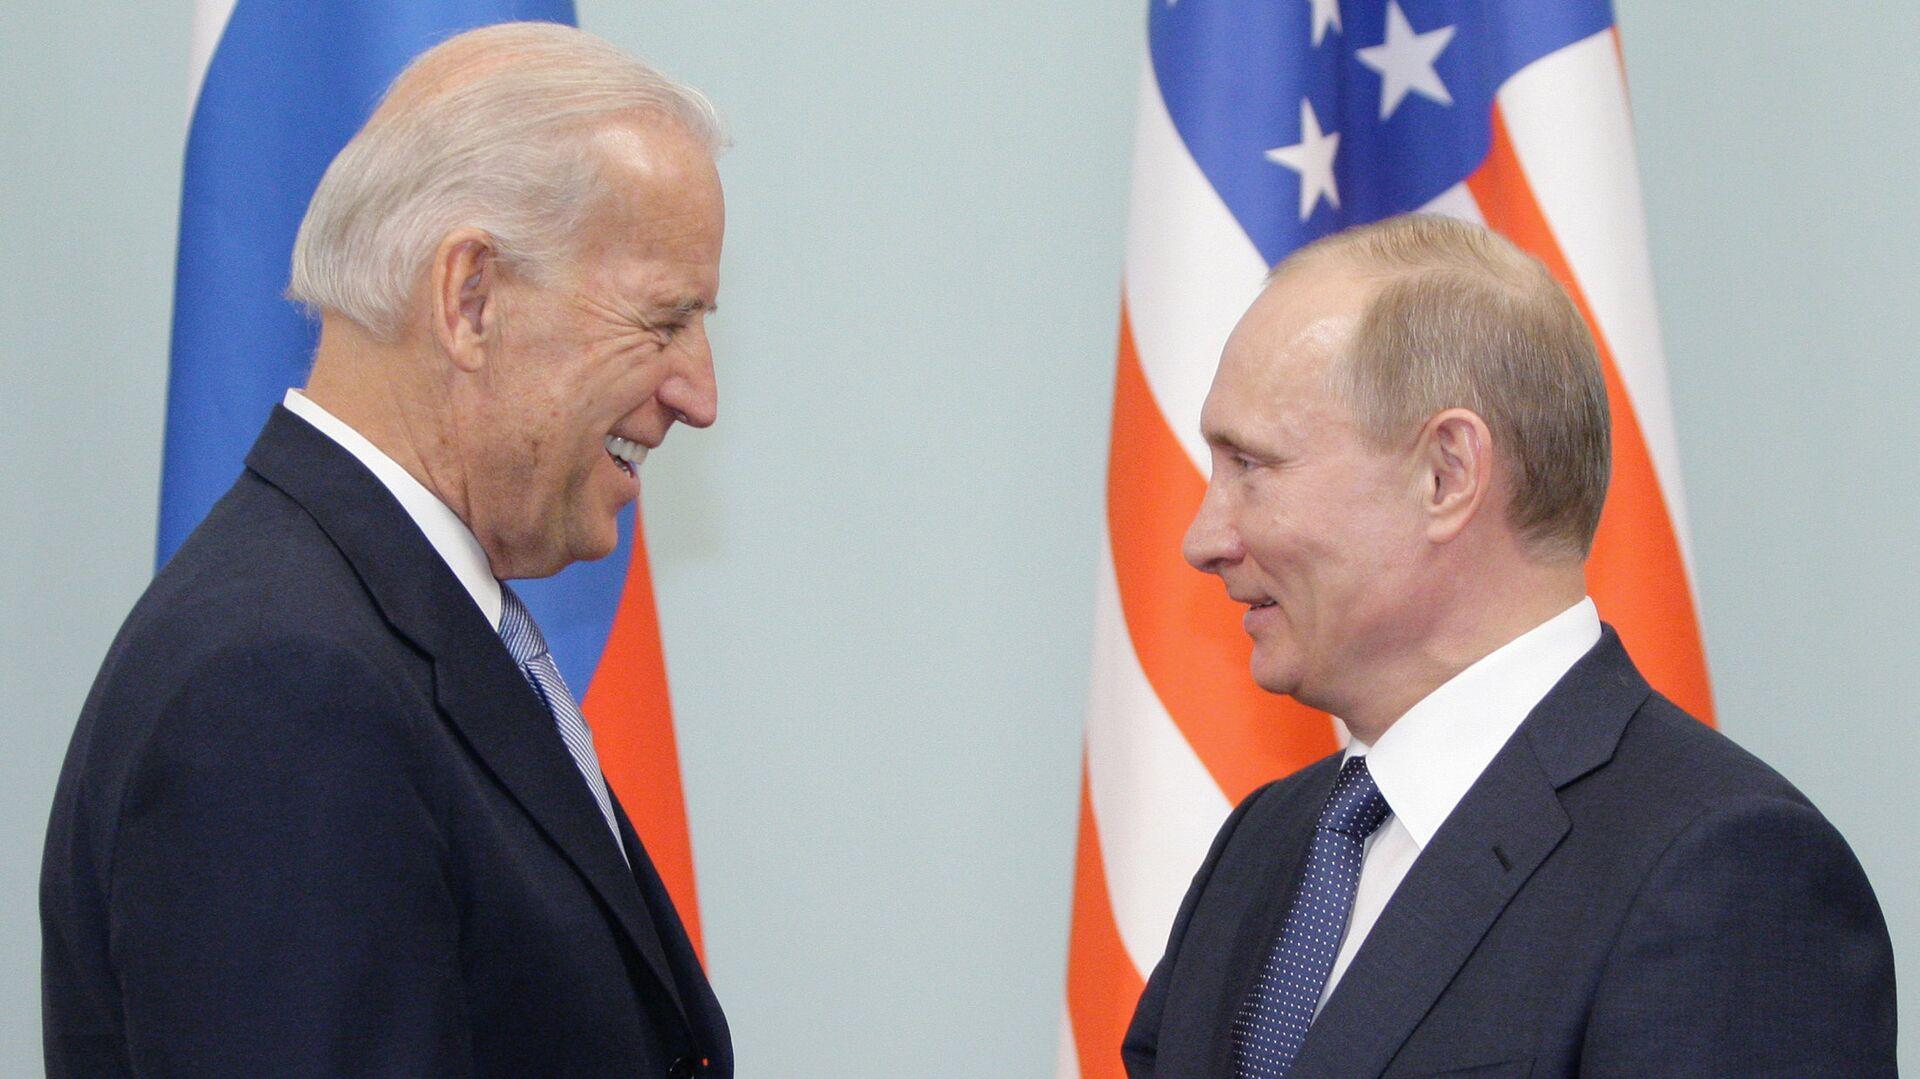 Премьер-министр РФ Владимир Путин встречается с Джозефом Байденом в Москве - РИА Новости, 1920, 13.06.2021